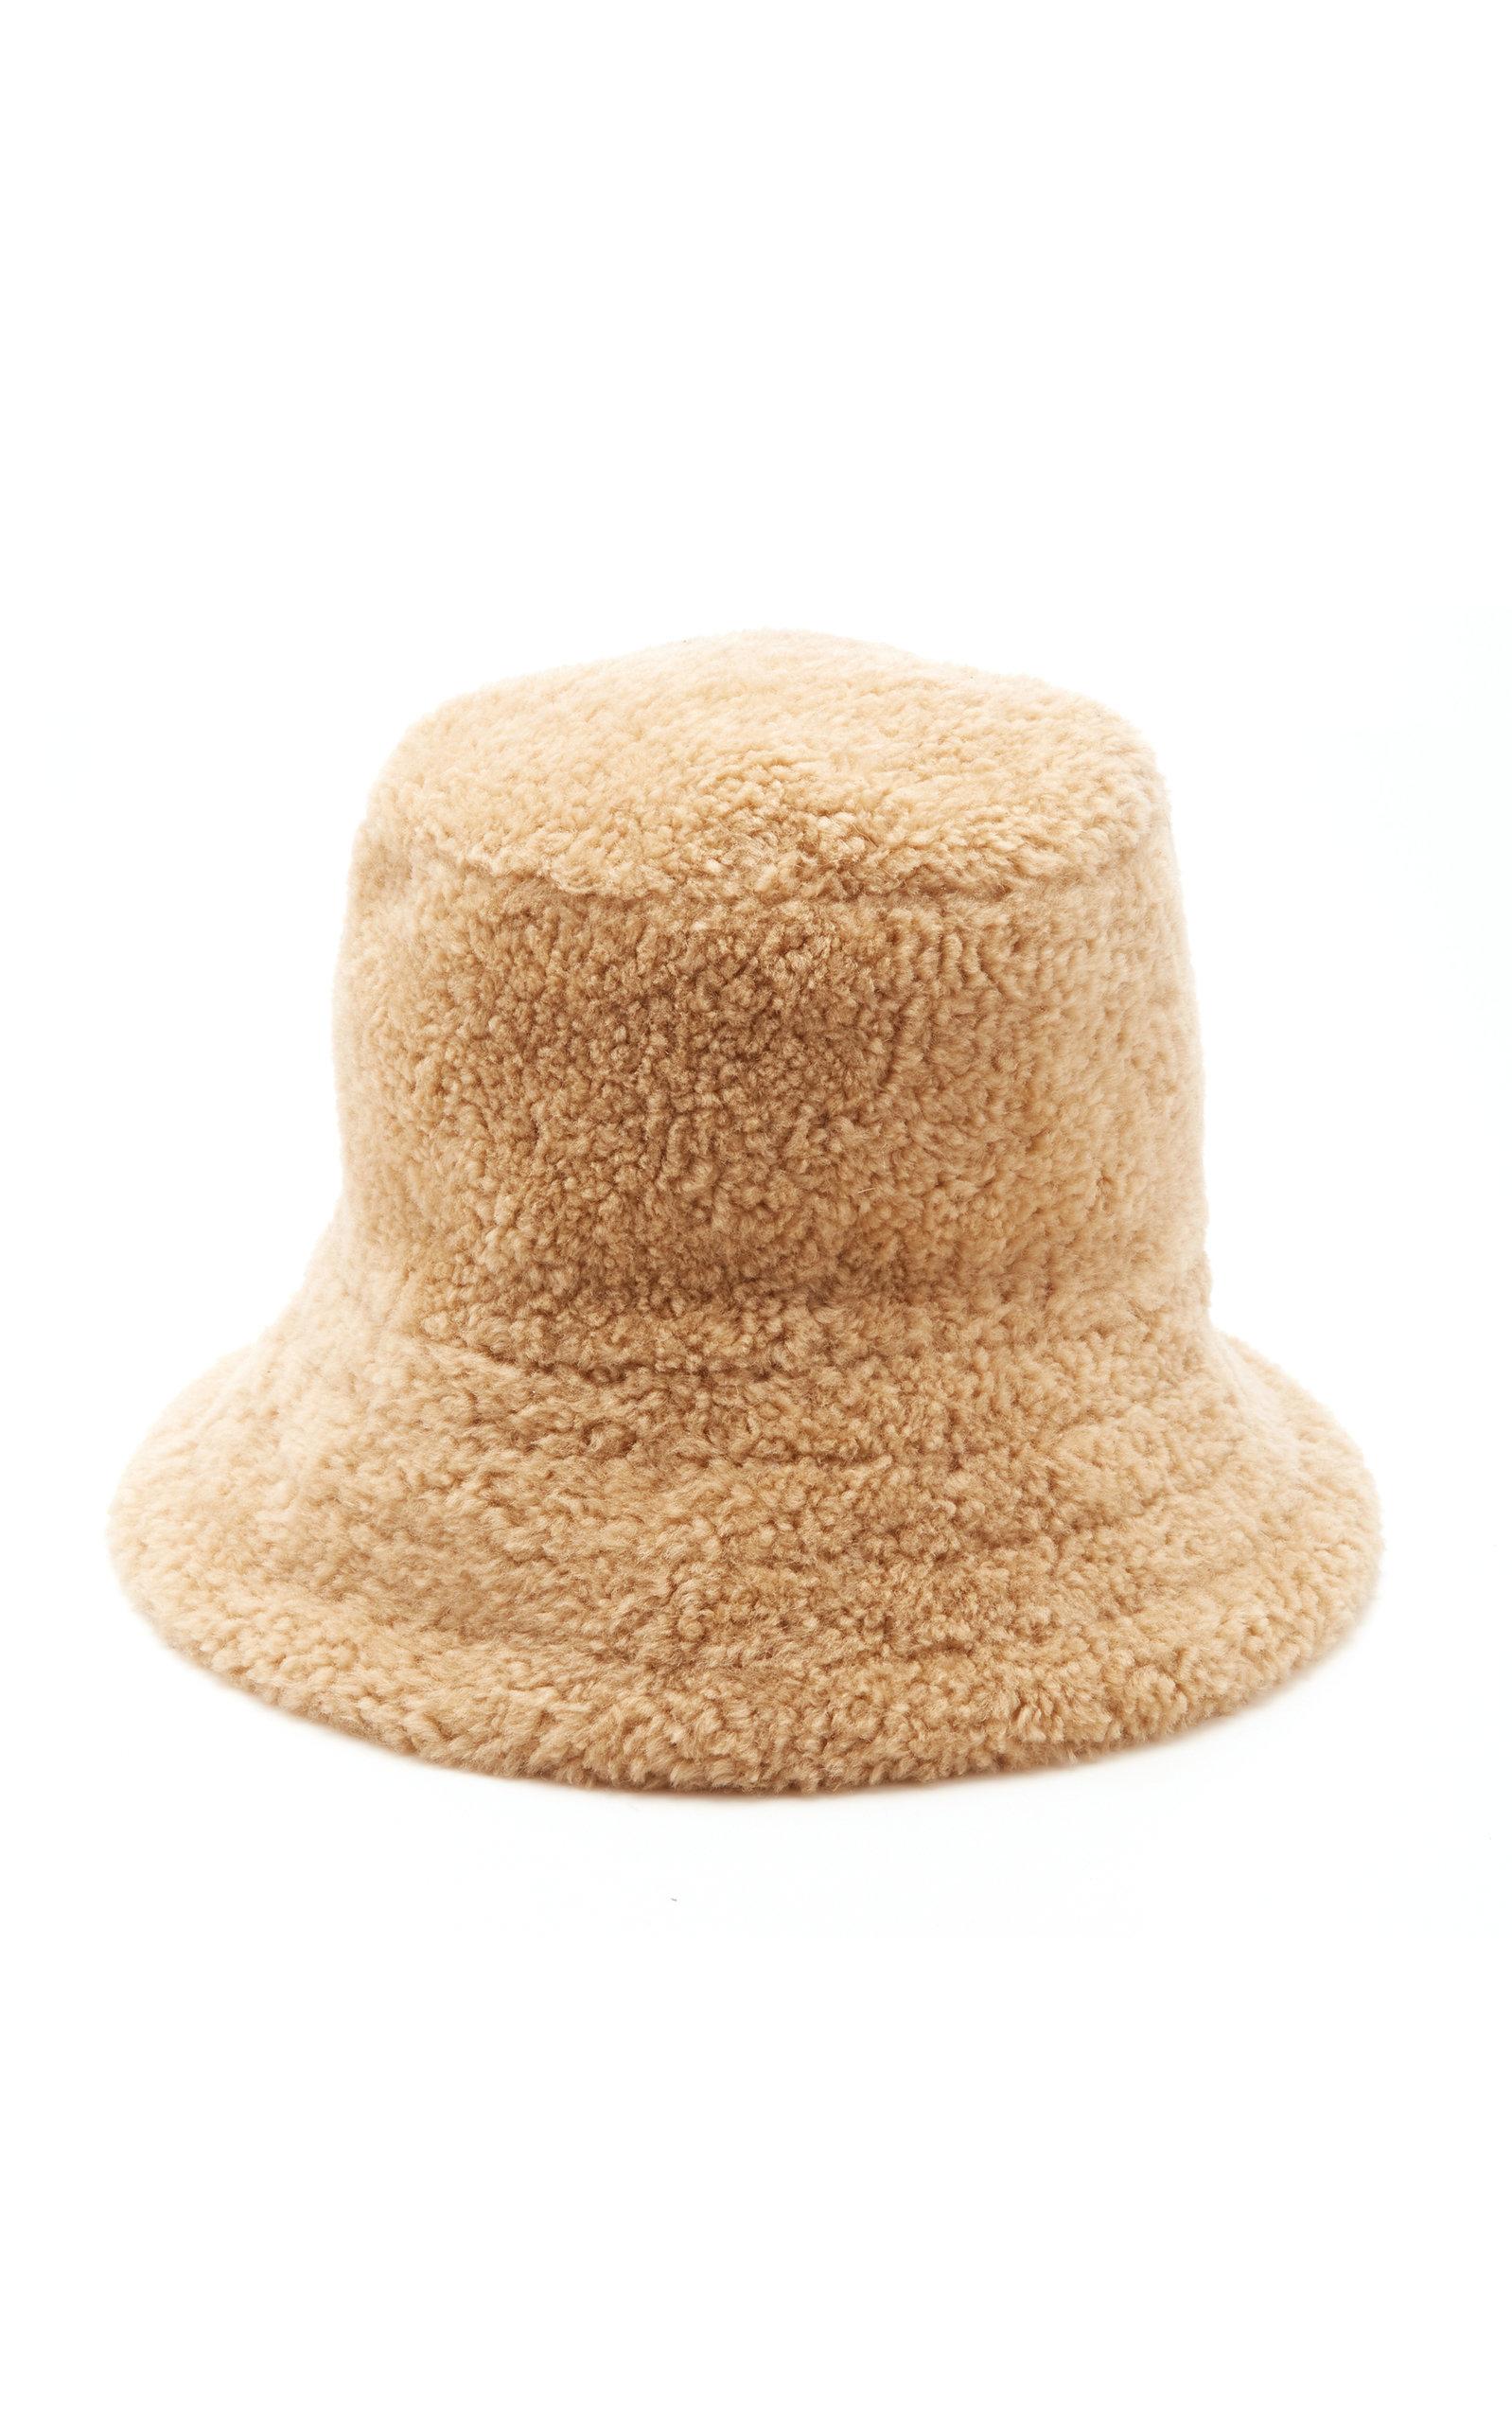 J Mendel Shearling Bucket Hat In Neutral  986bac2eb9c